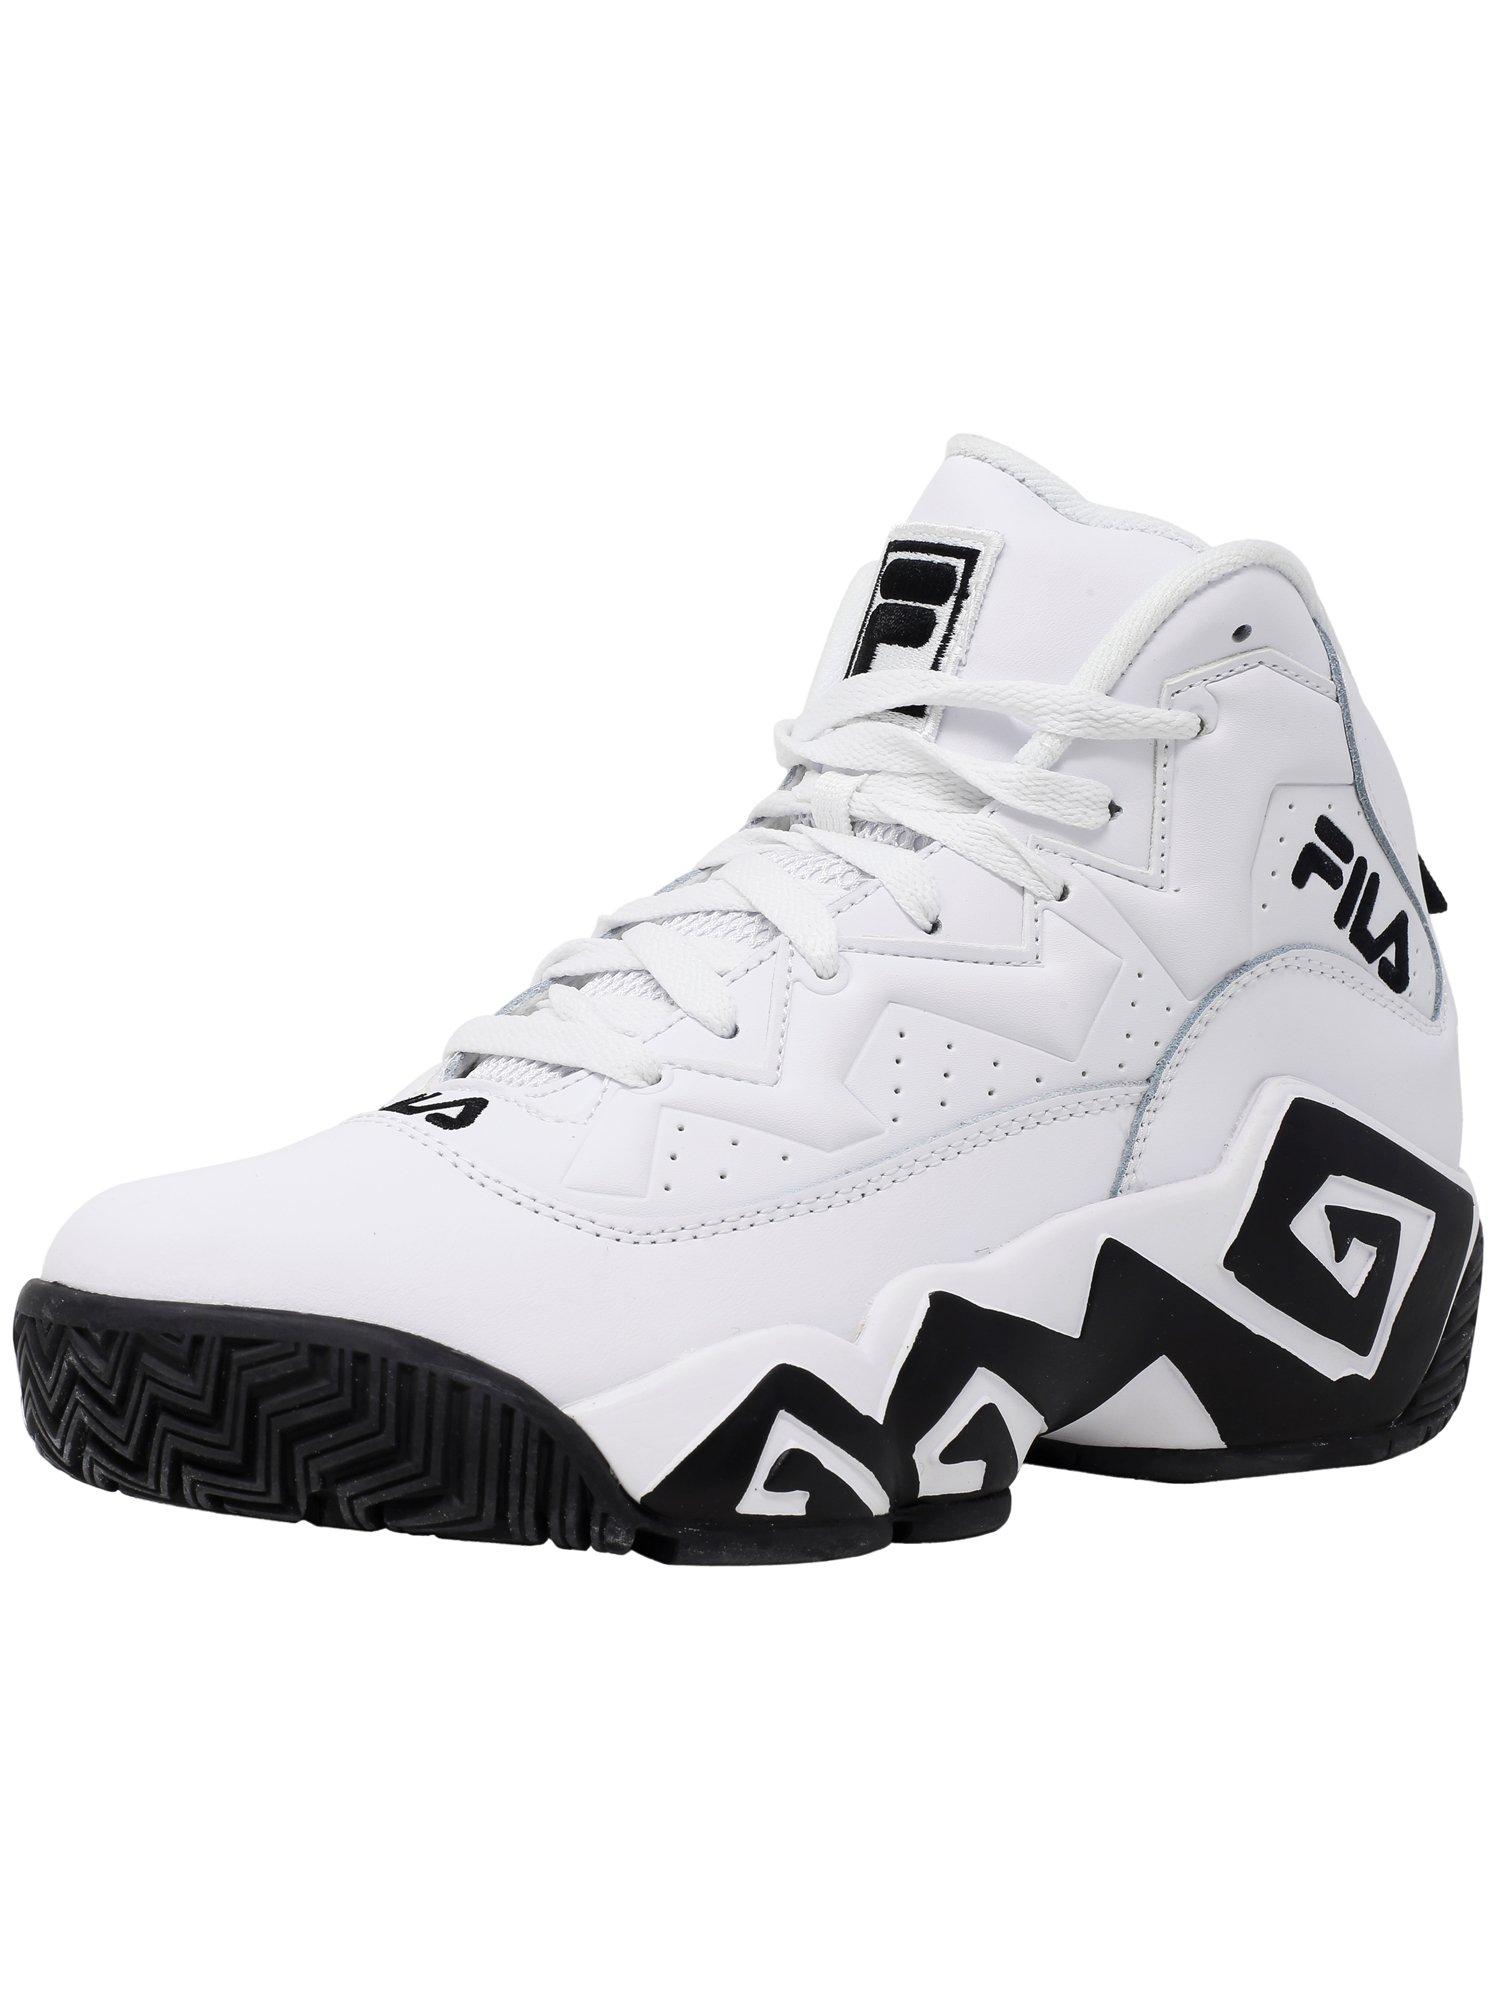 Fila-Hombre-MB-Altas-Zapatillas-de-baloncesto